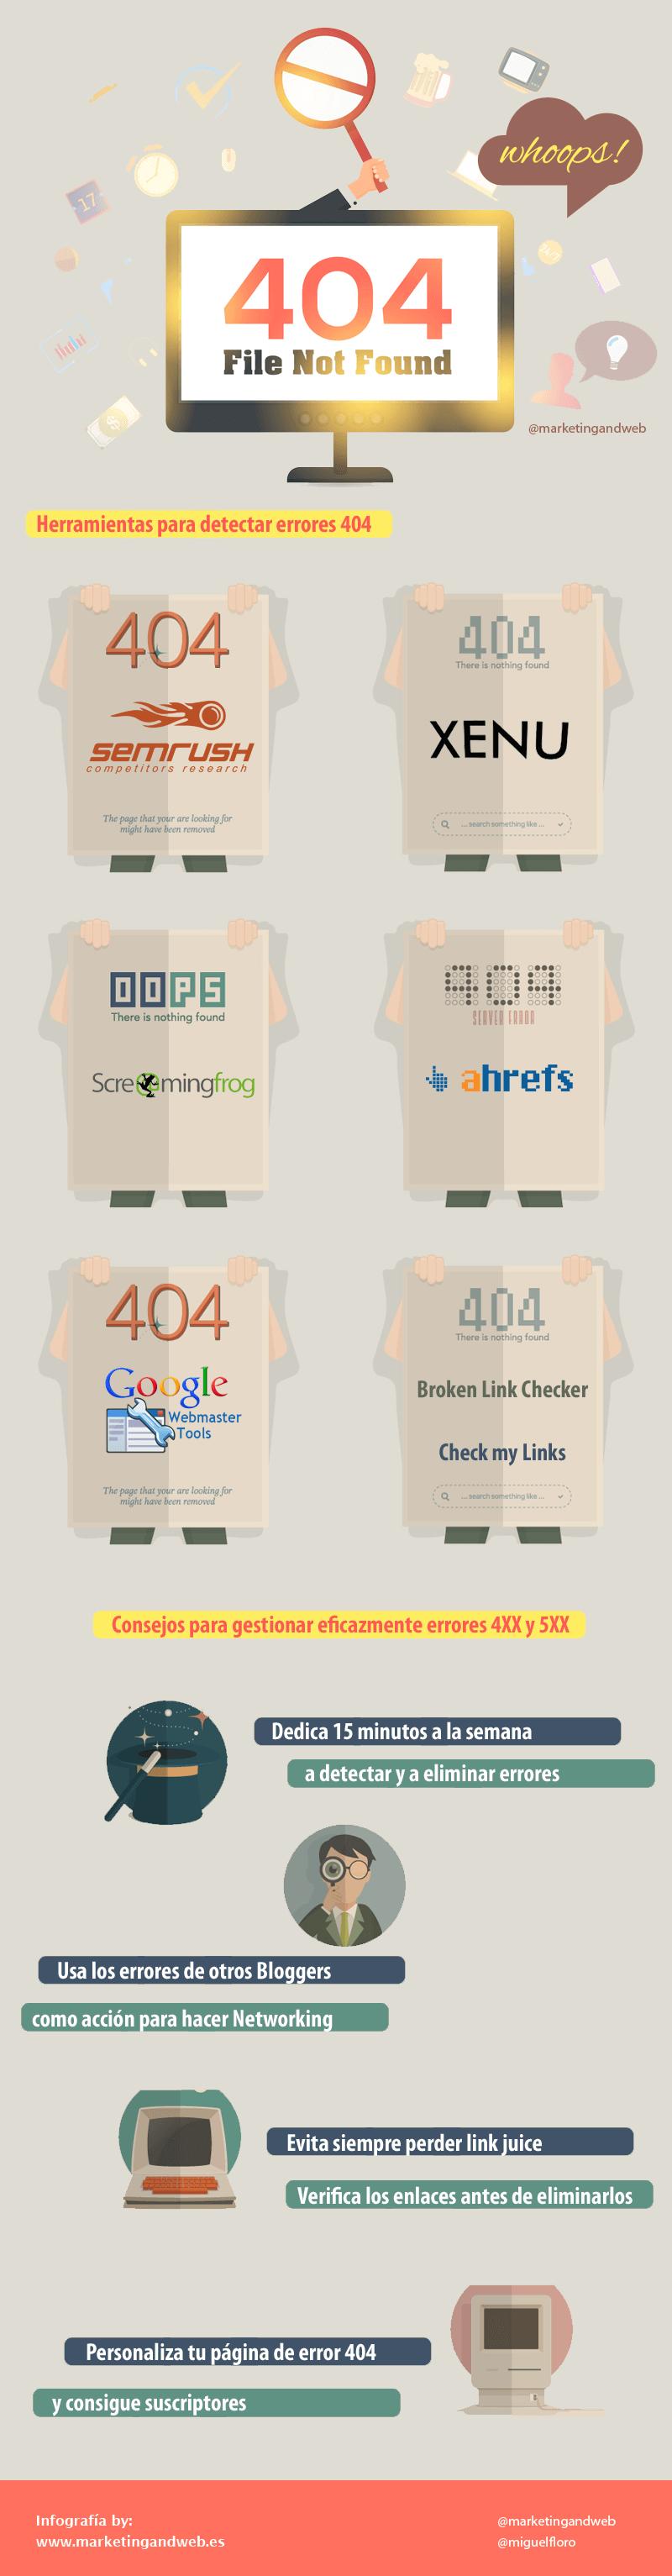 Error 404: herramientas y consejos